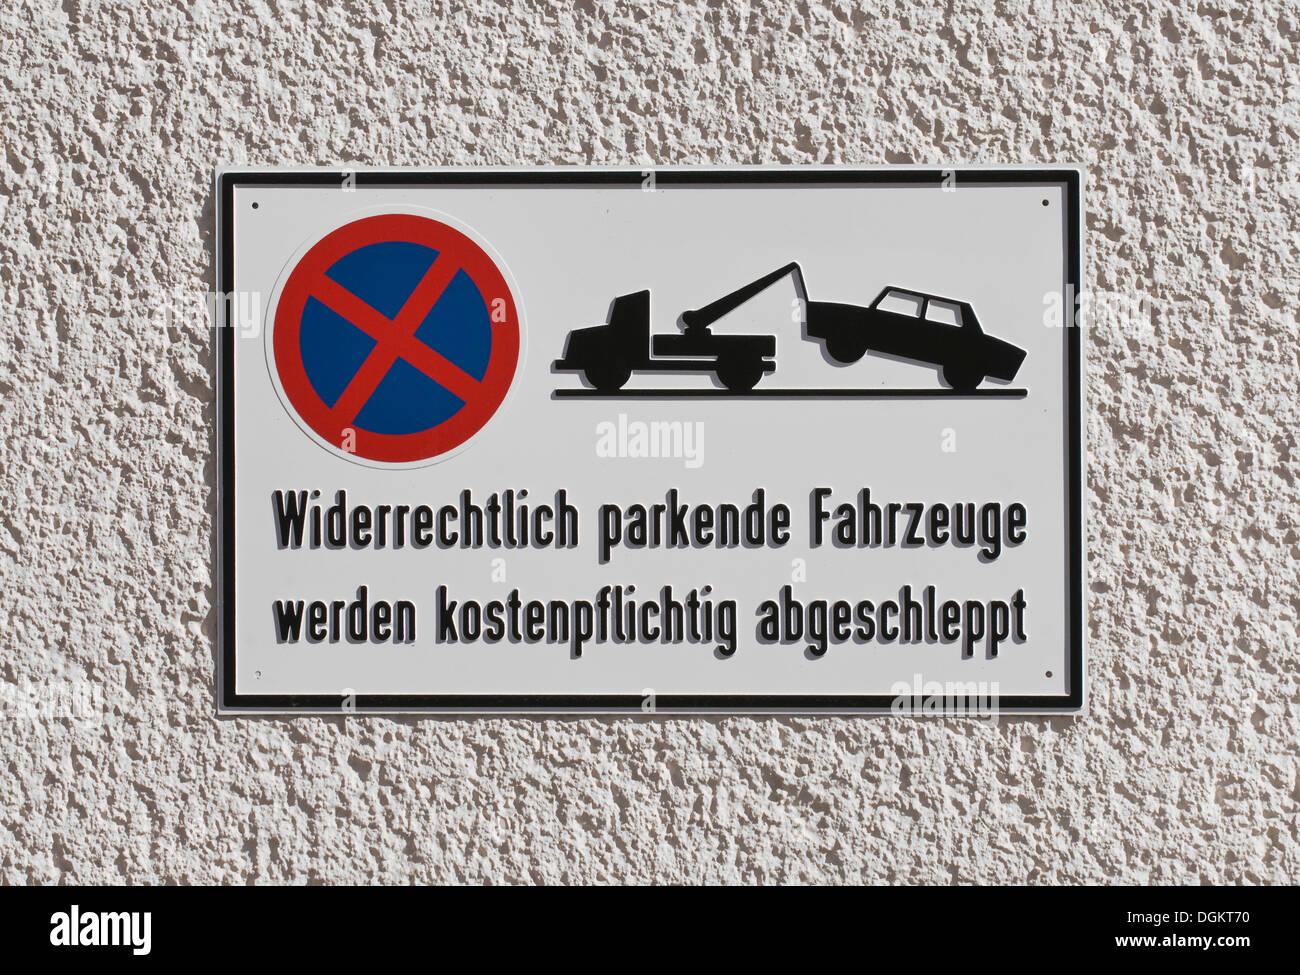 No parking sign indicating that 'widerrechtlich geparkte Fahrzeuge werden kostenpflichtig abgeschleppt', - Stock Image